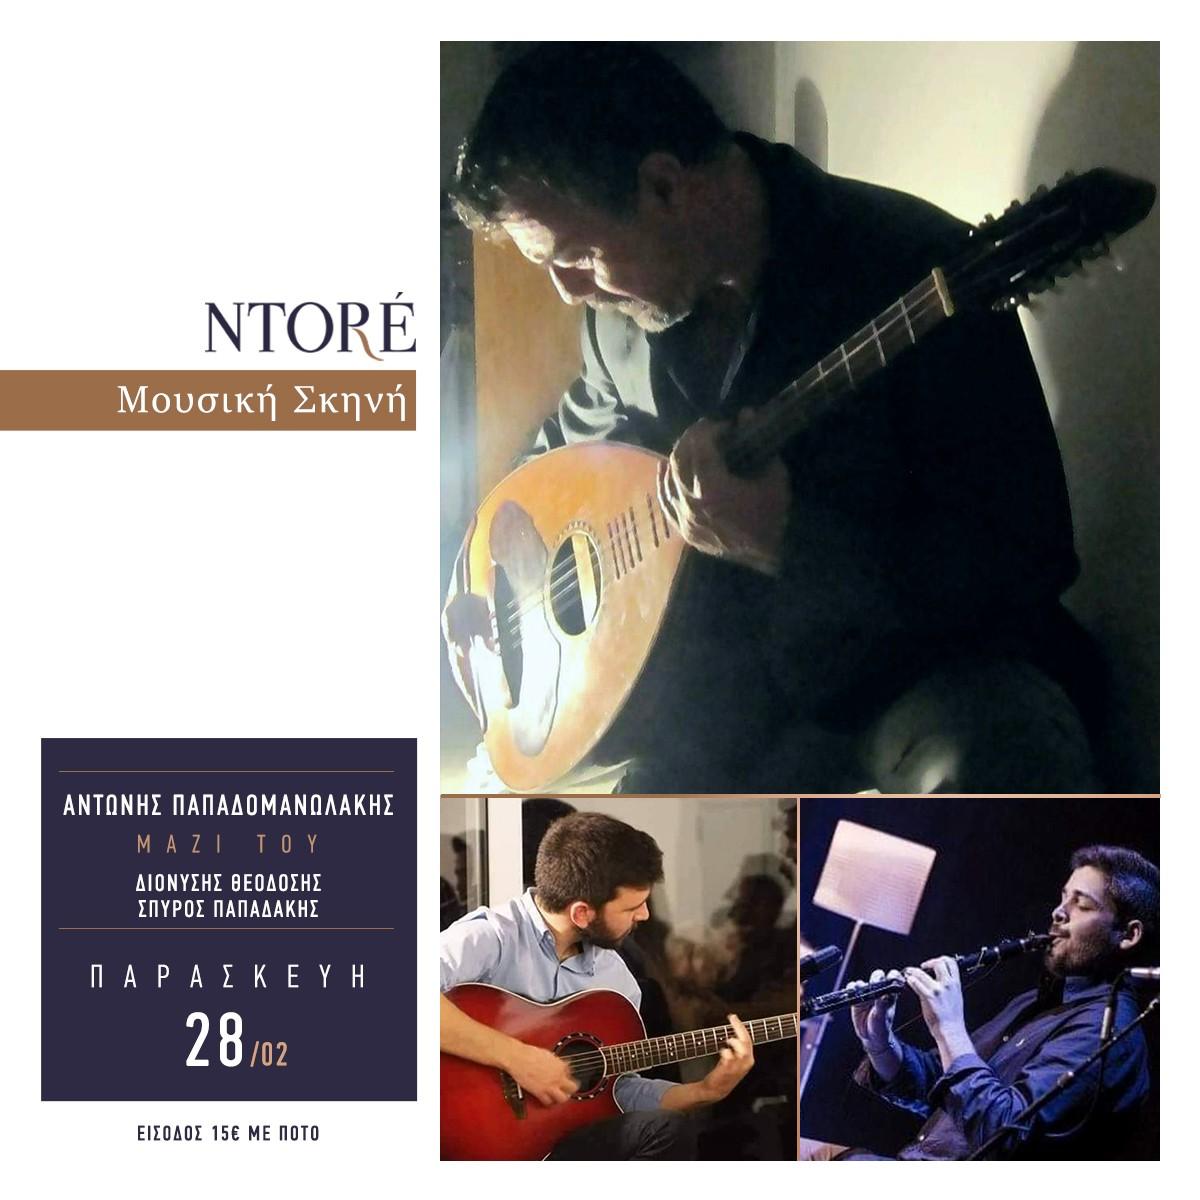 Ο Αντώνης Παπαδομανωλάκης, την Παρασκευή 28 Φεβρουαρίου, στις 22:00, στη Μουσική Σκηνή Ntoré!